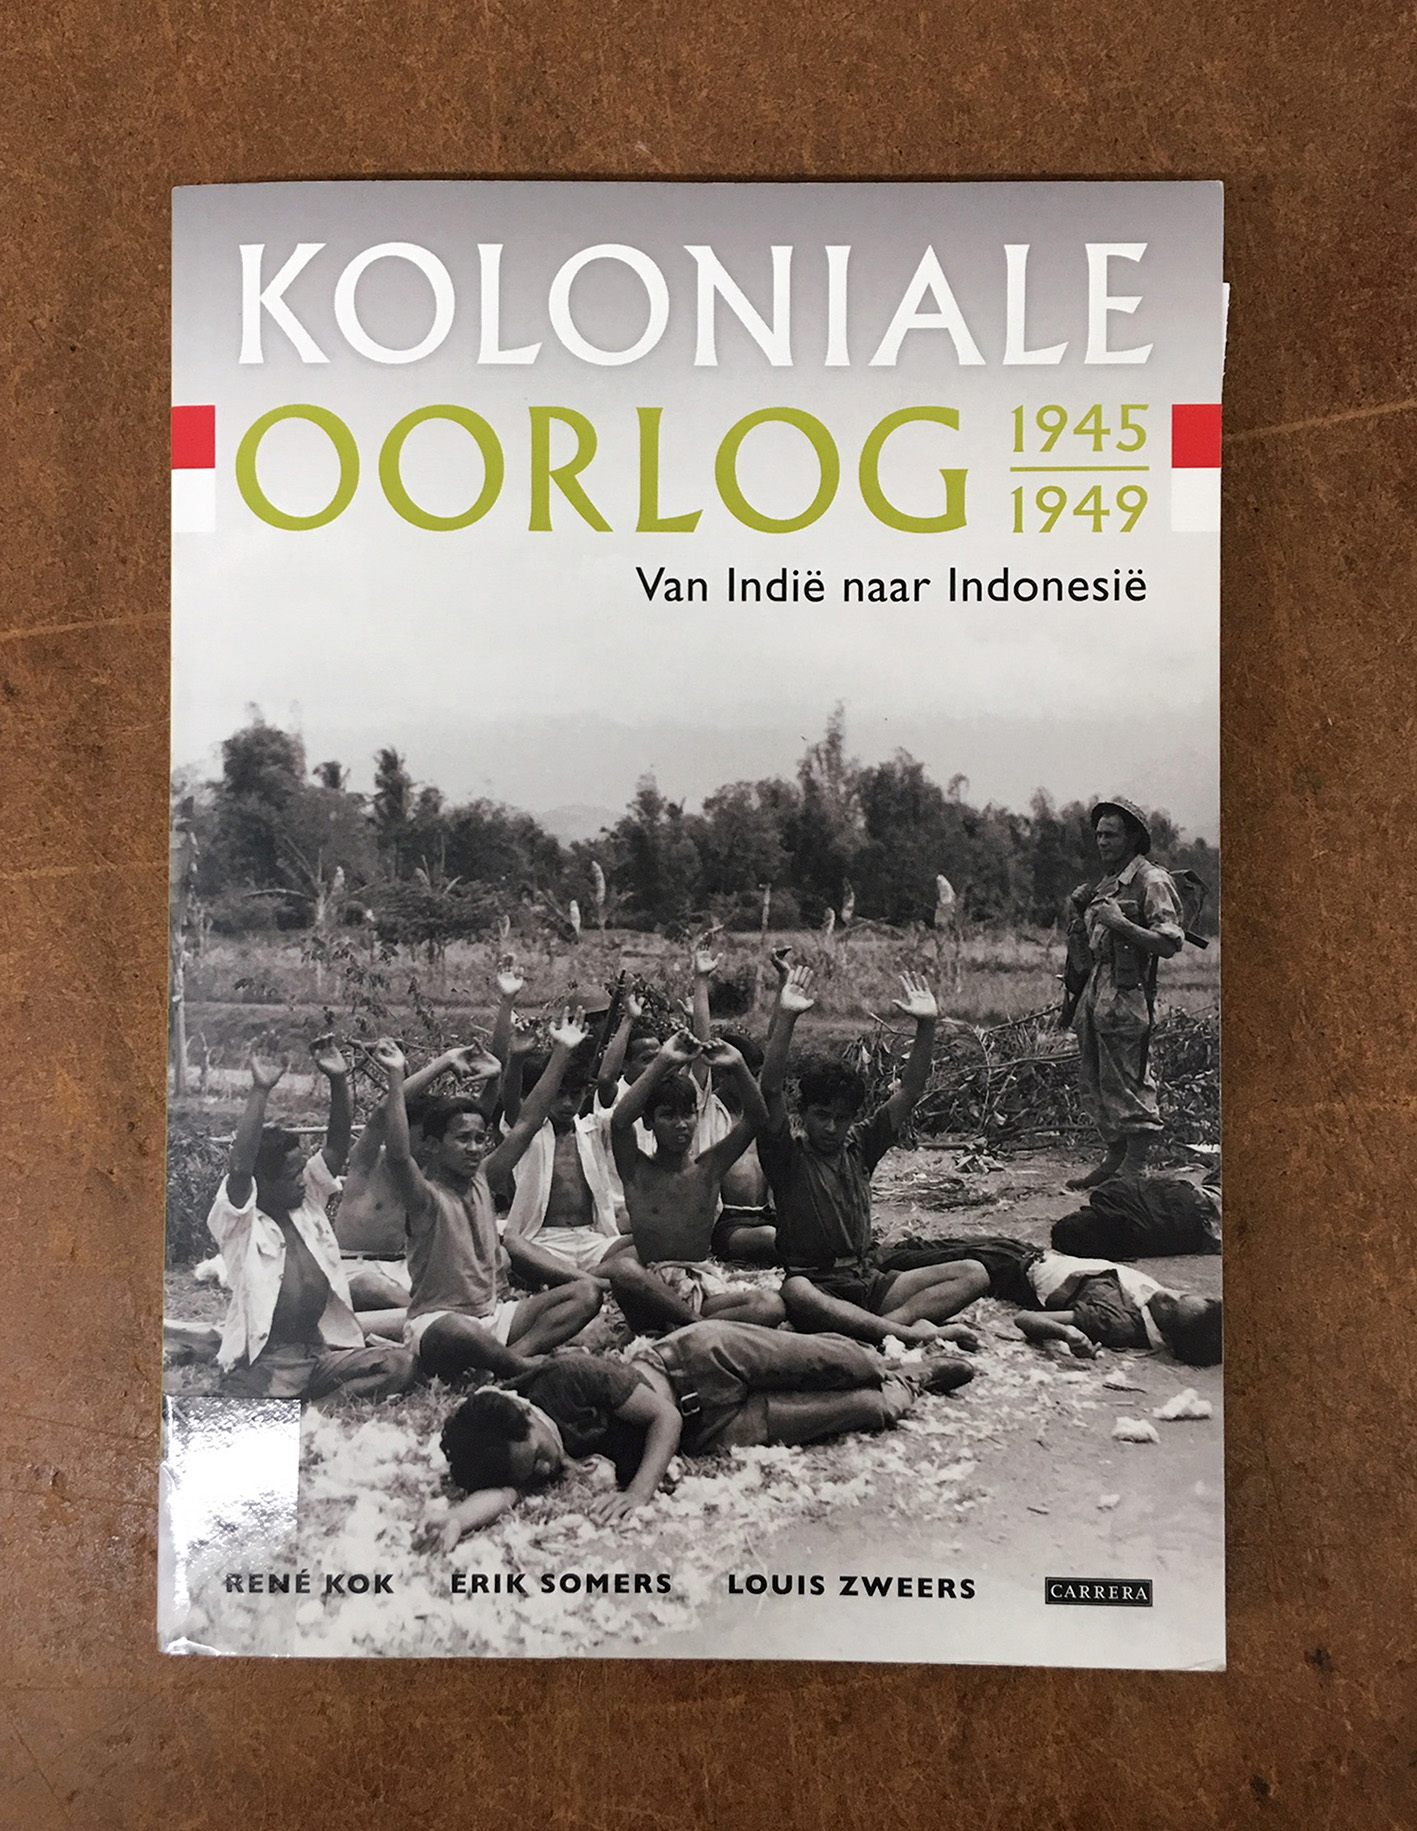 Koloniale oorlog 1945/1949 , van Indië naar Indonesië (René Kok, Erik Somers, Louis Zweers)